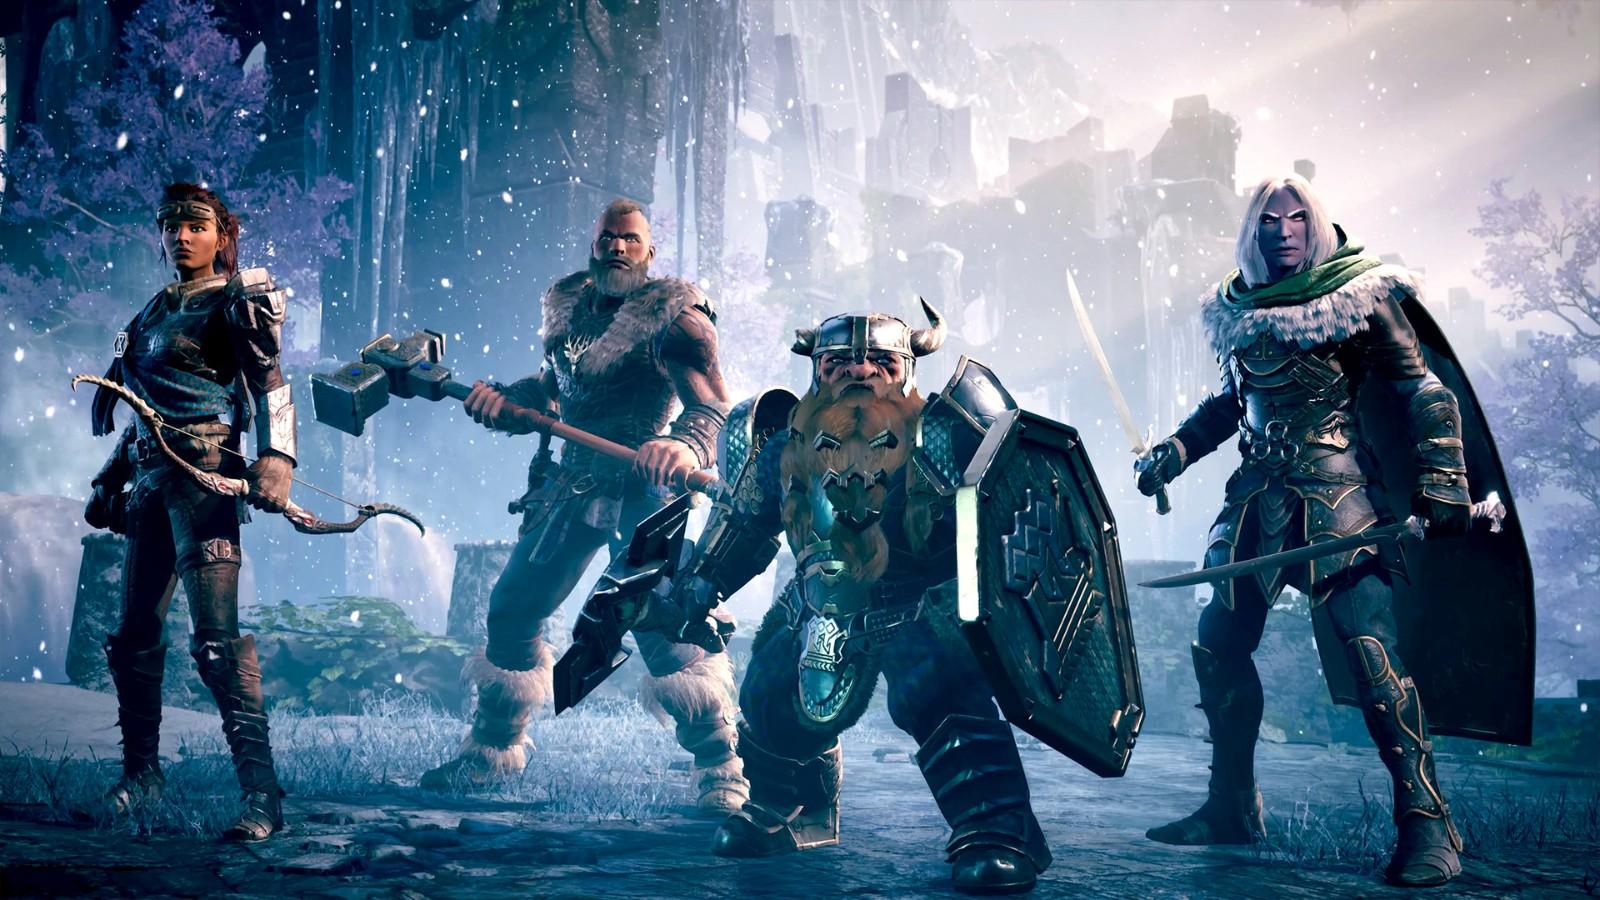 《龙与地下城:黑暗联盟》新预告 勇斗怪兽探索冰风谷